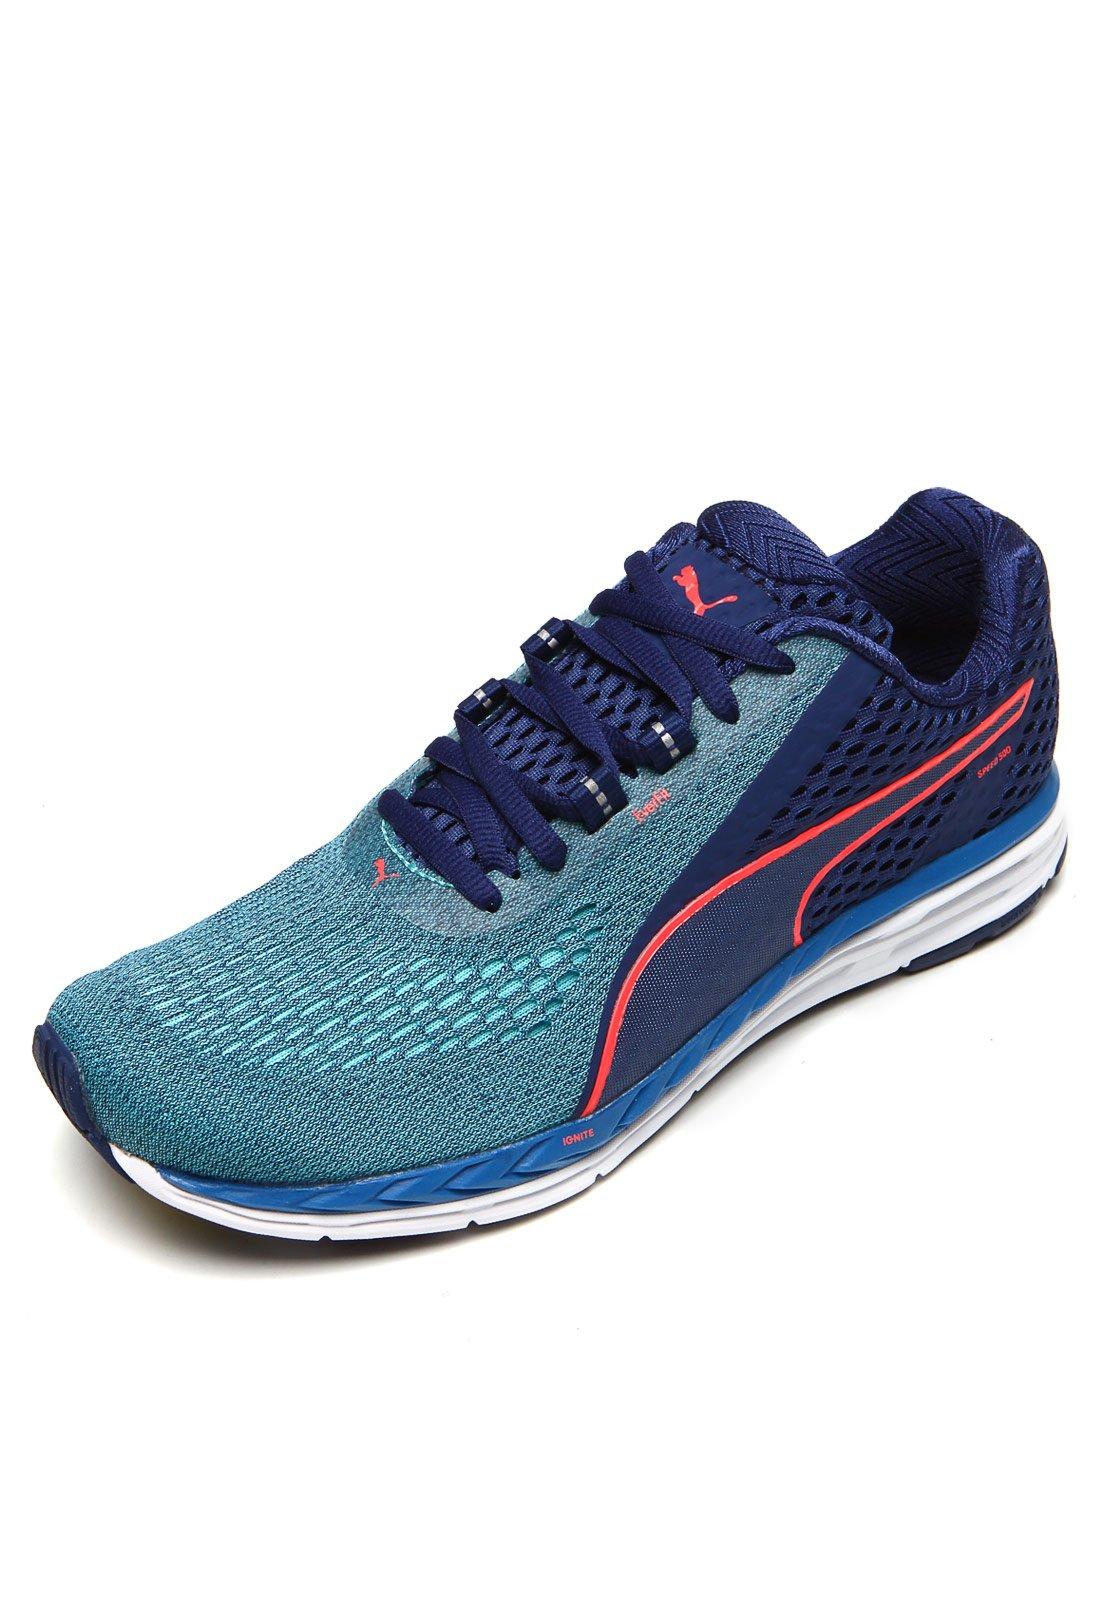 Tênis Puma Speed 500 Ignite Azul - Compre Agora  d731700c86d